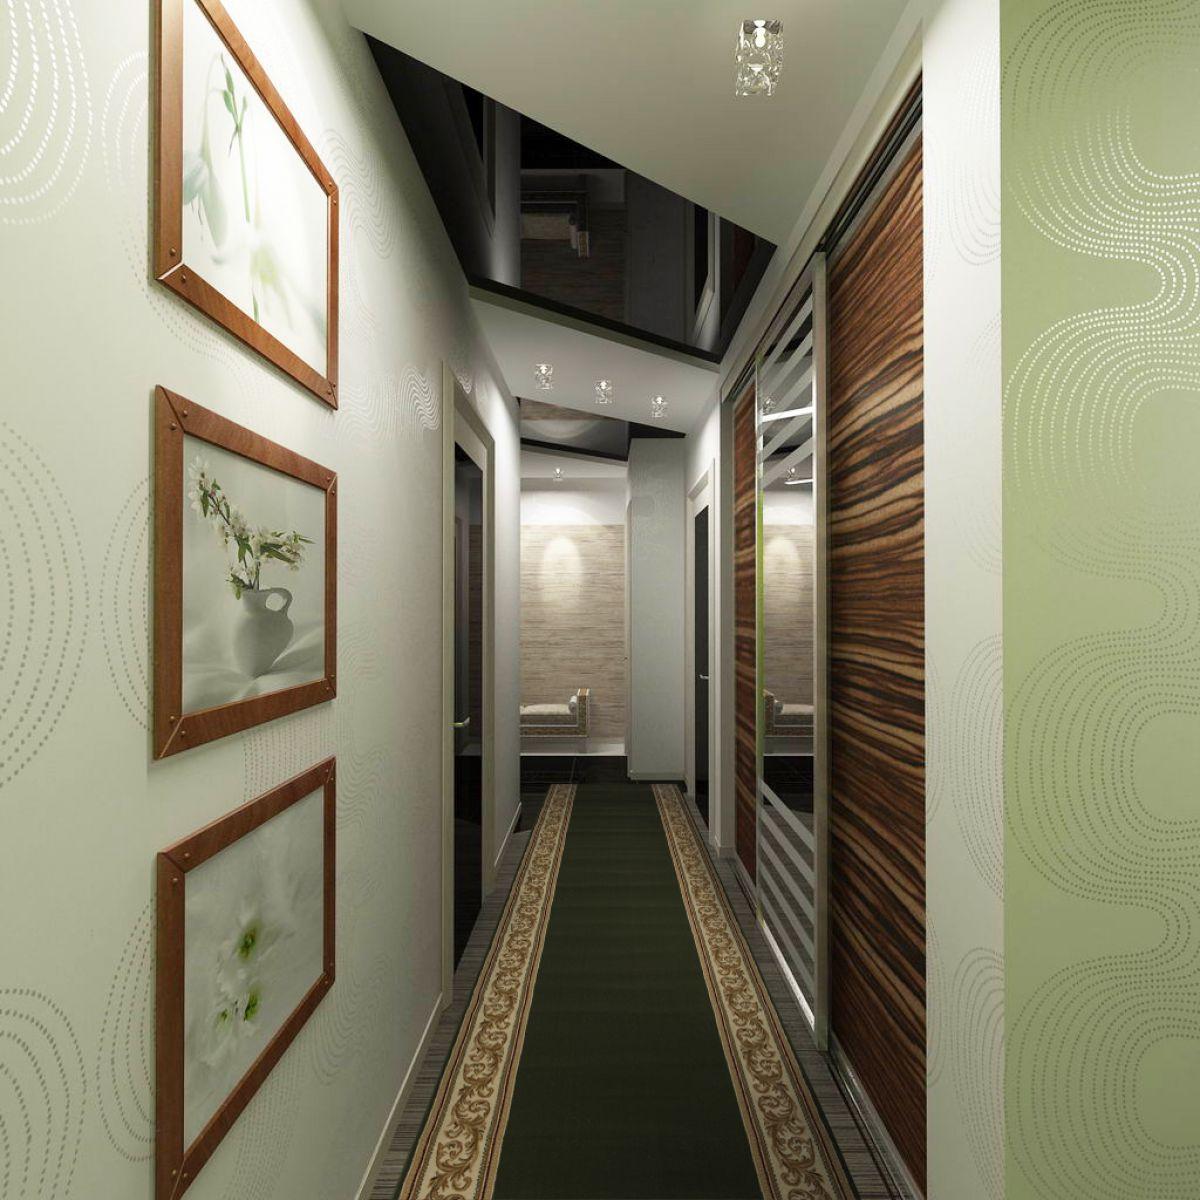 такими картинки длинного коридора недавно